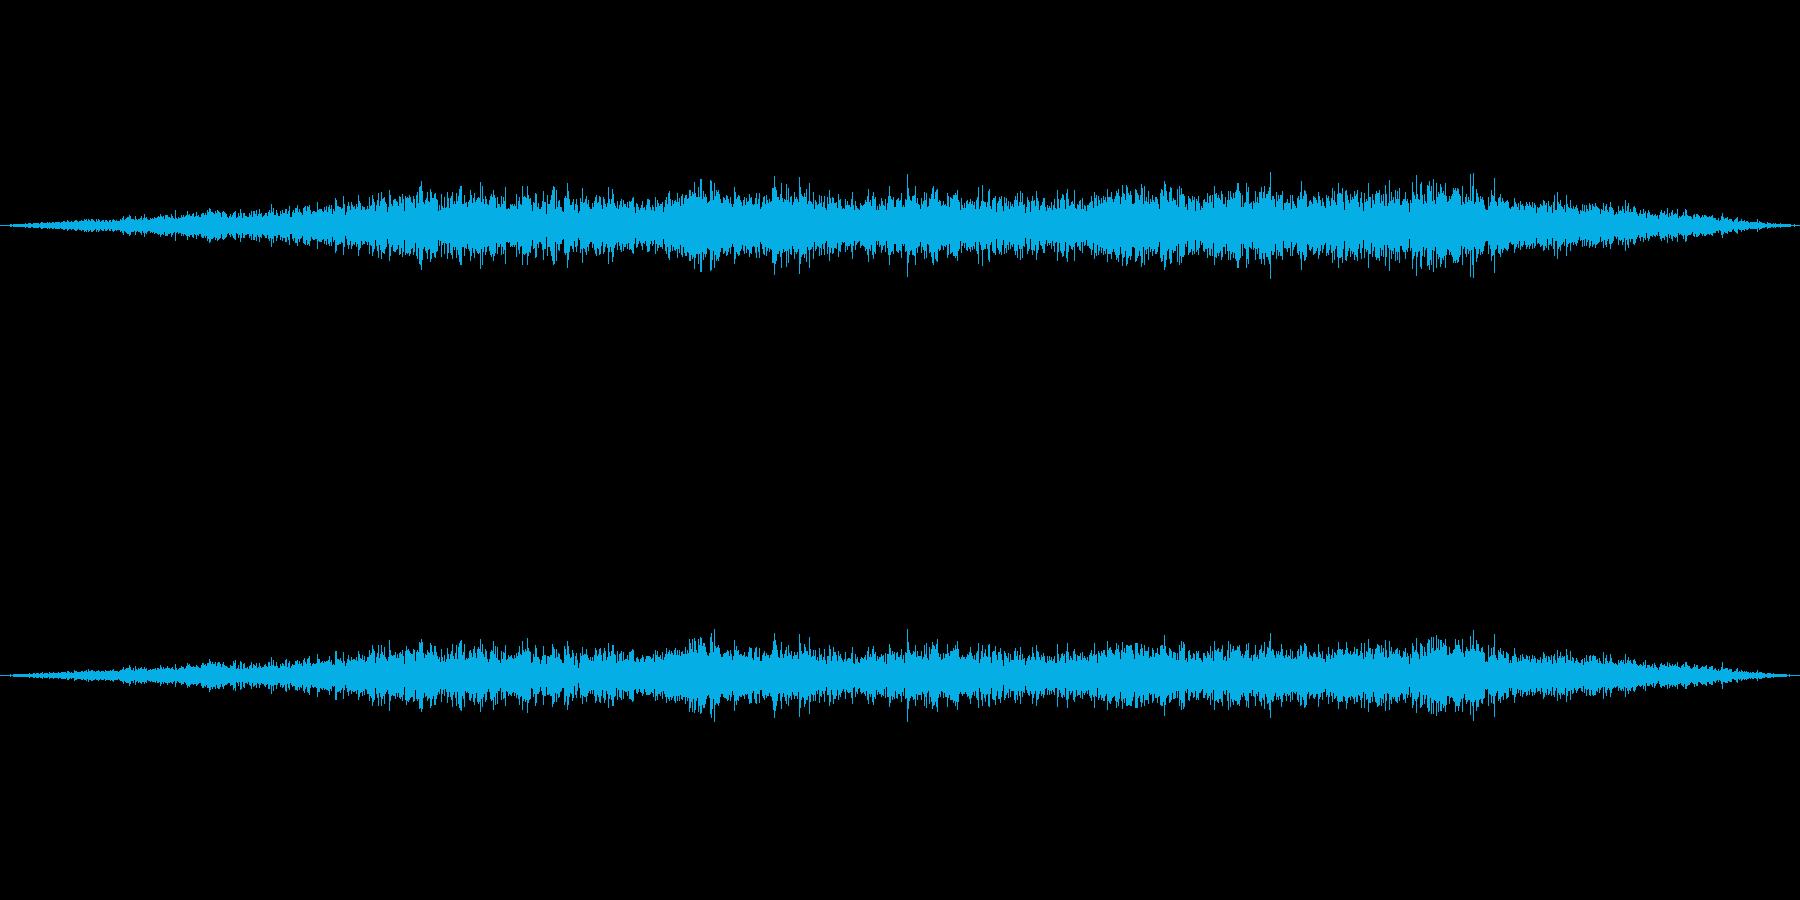 飛行機(旅客機)が飛ぶ音1の再生済みの波形